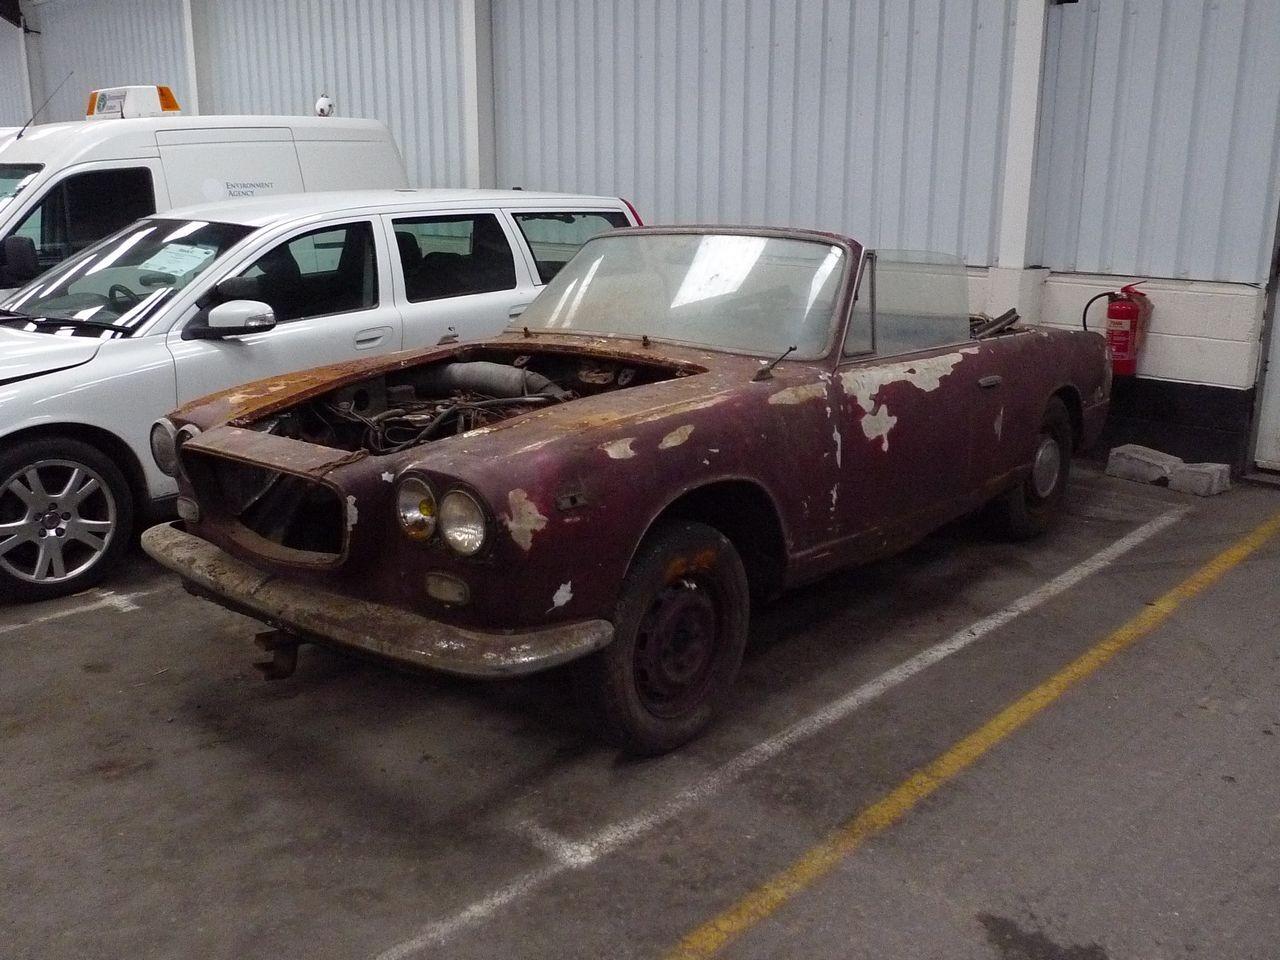 http://classiccars.brightwells.com/images/lots/originals/tn_P1070849.jpg